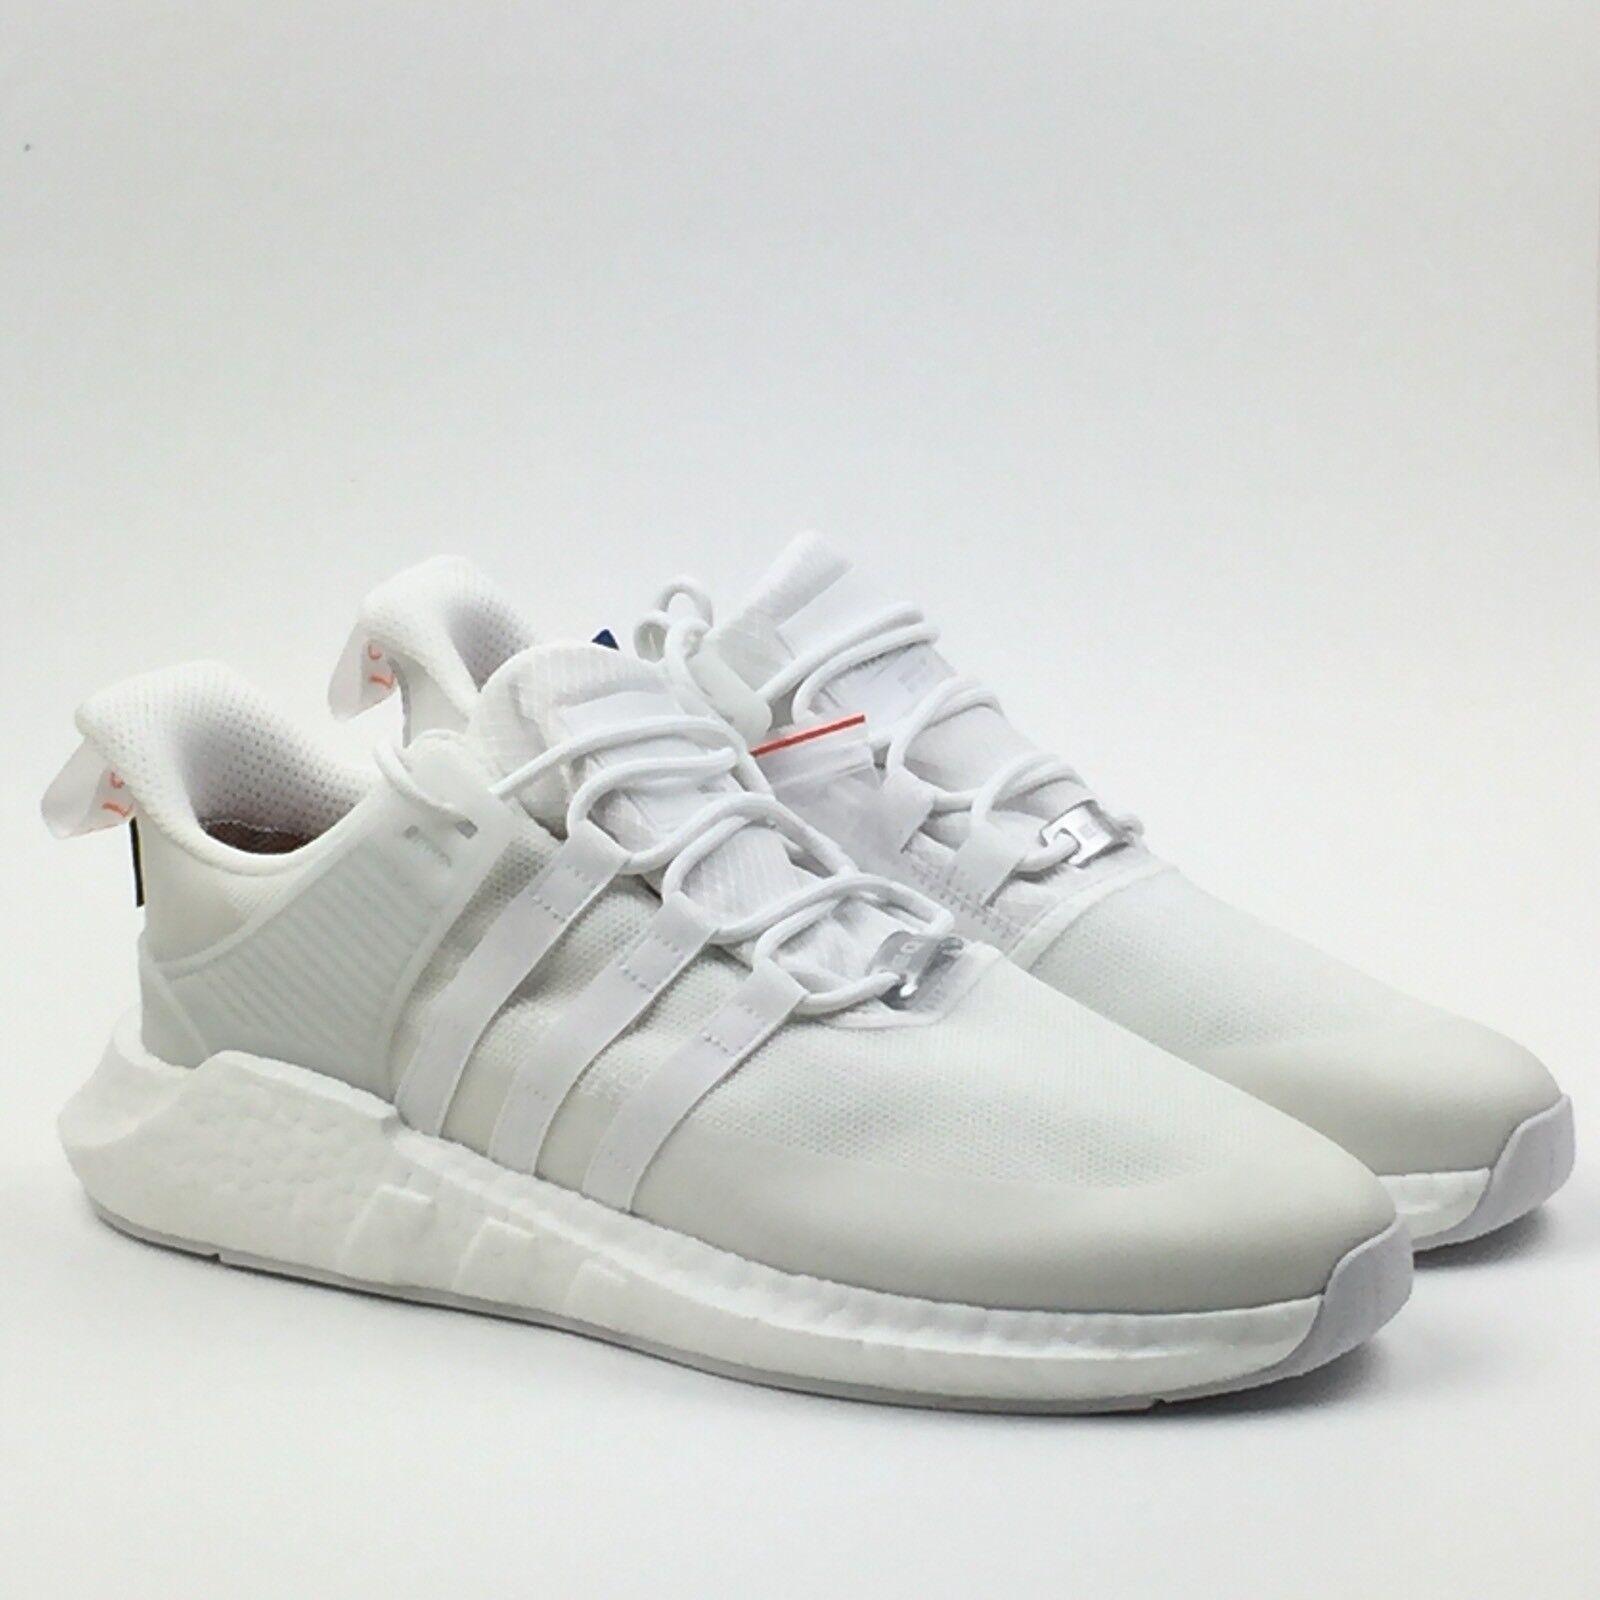 best website 6b3cc f8586 ... Adidas EQT EQT Adidas SUPPORT 9317 GTX Gore-Tex Cream White Orange Mens  ...